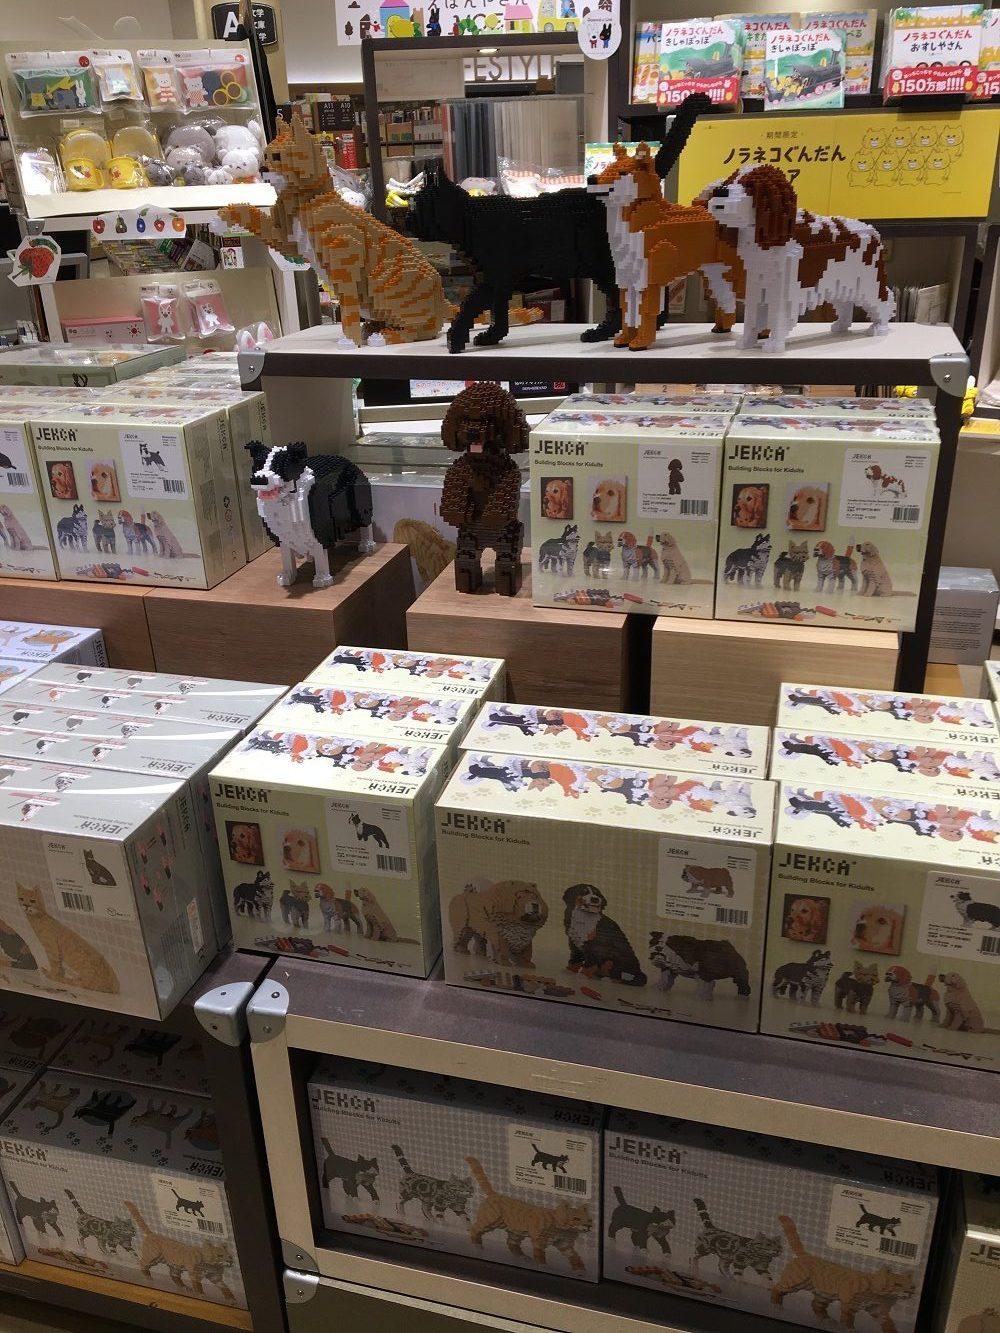 紀伊國屋書店:JEKCAブロック フェア開催中